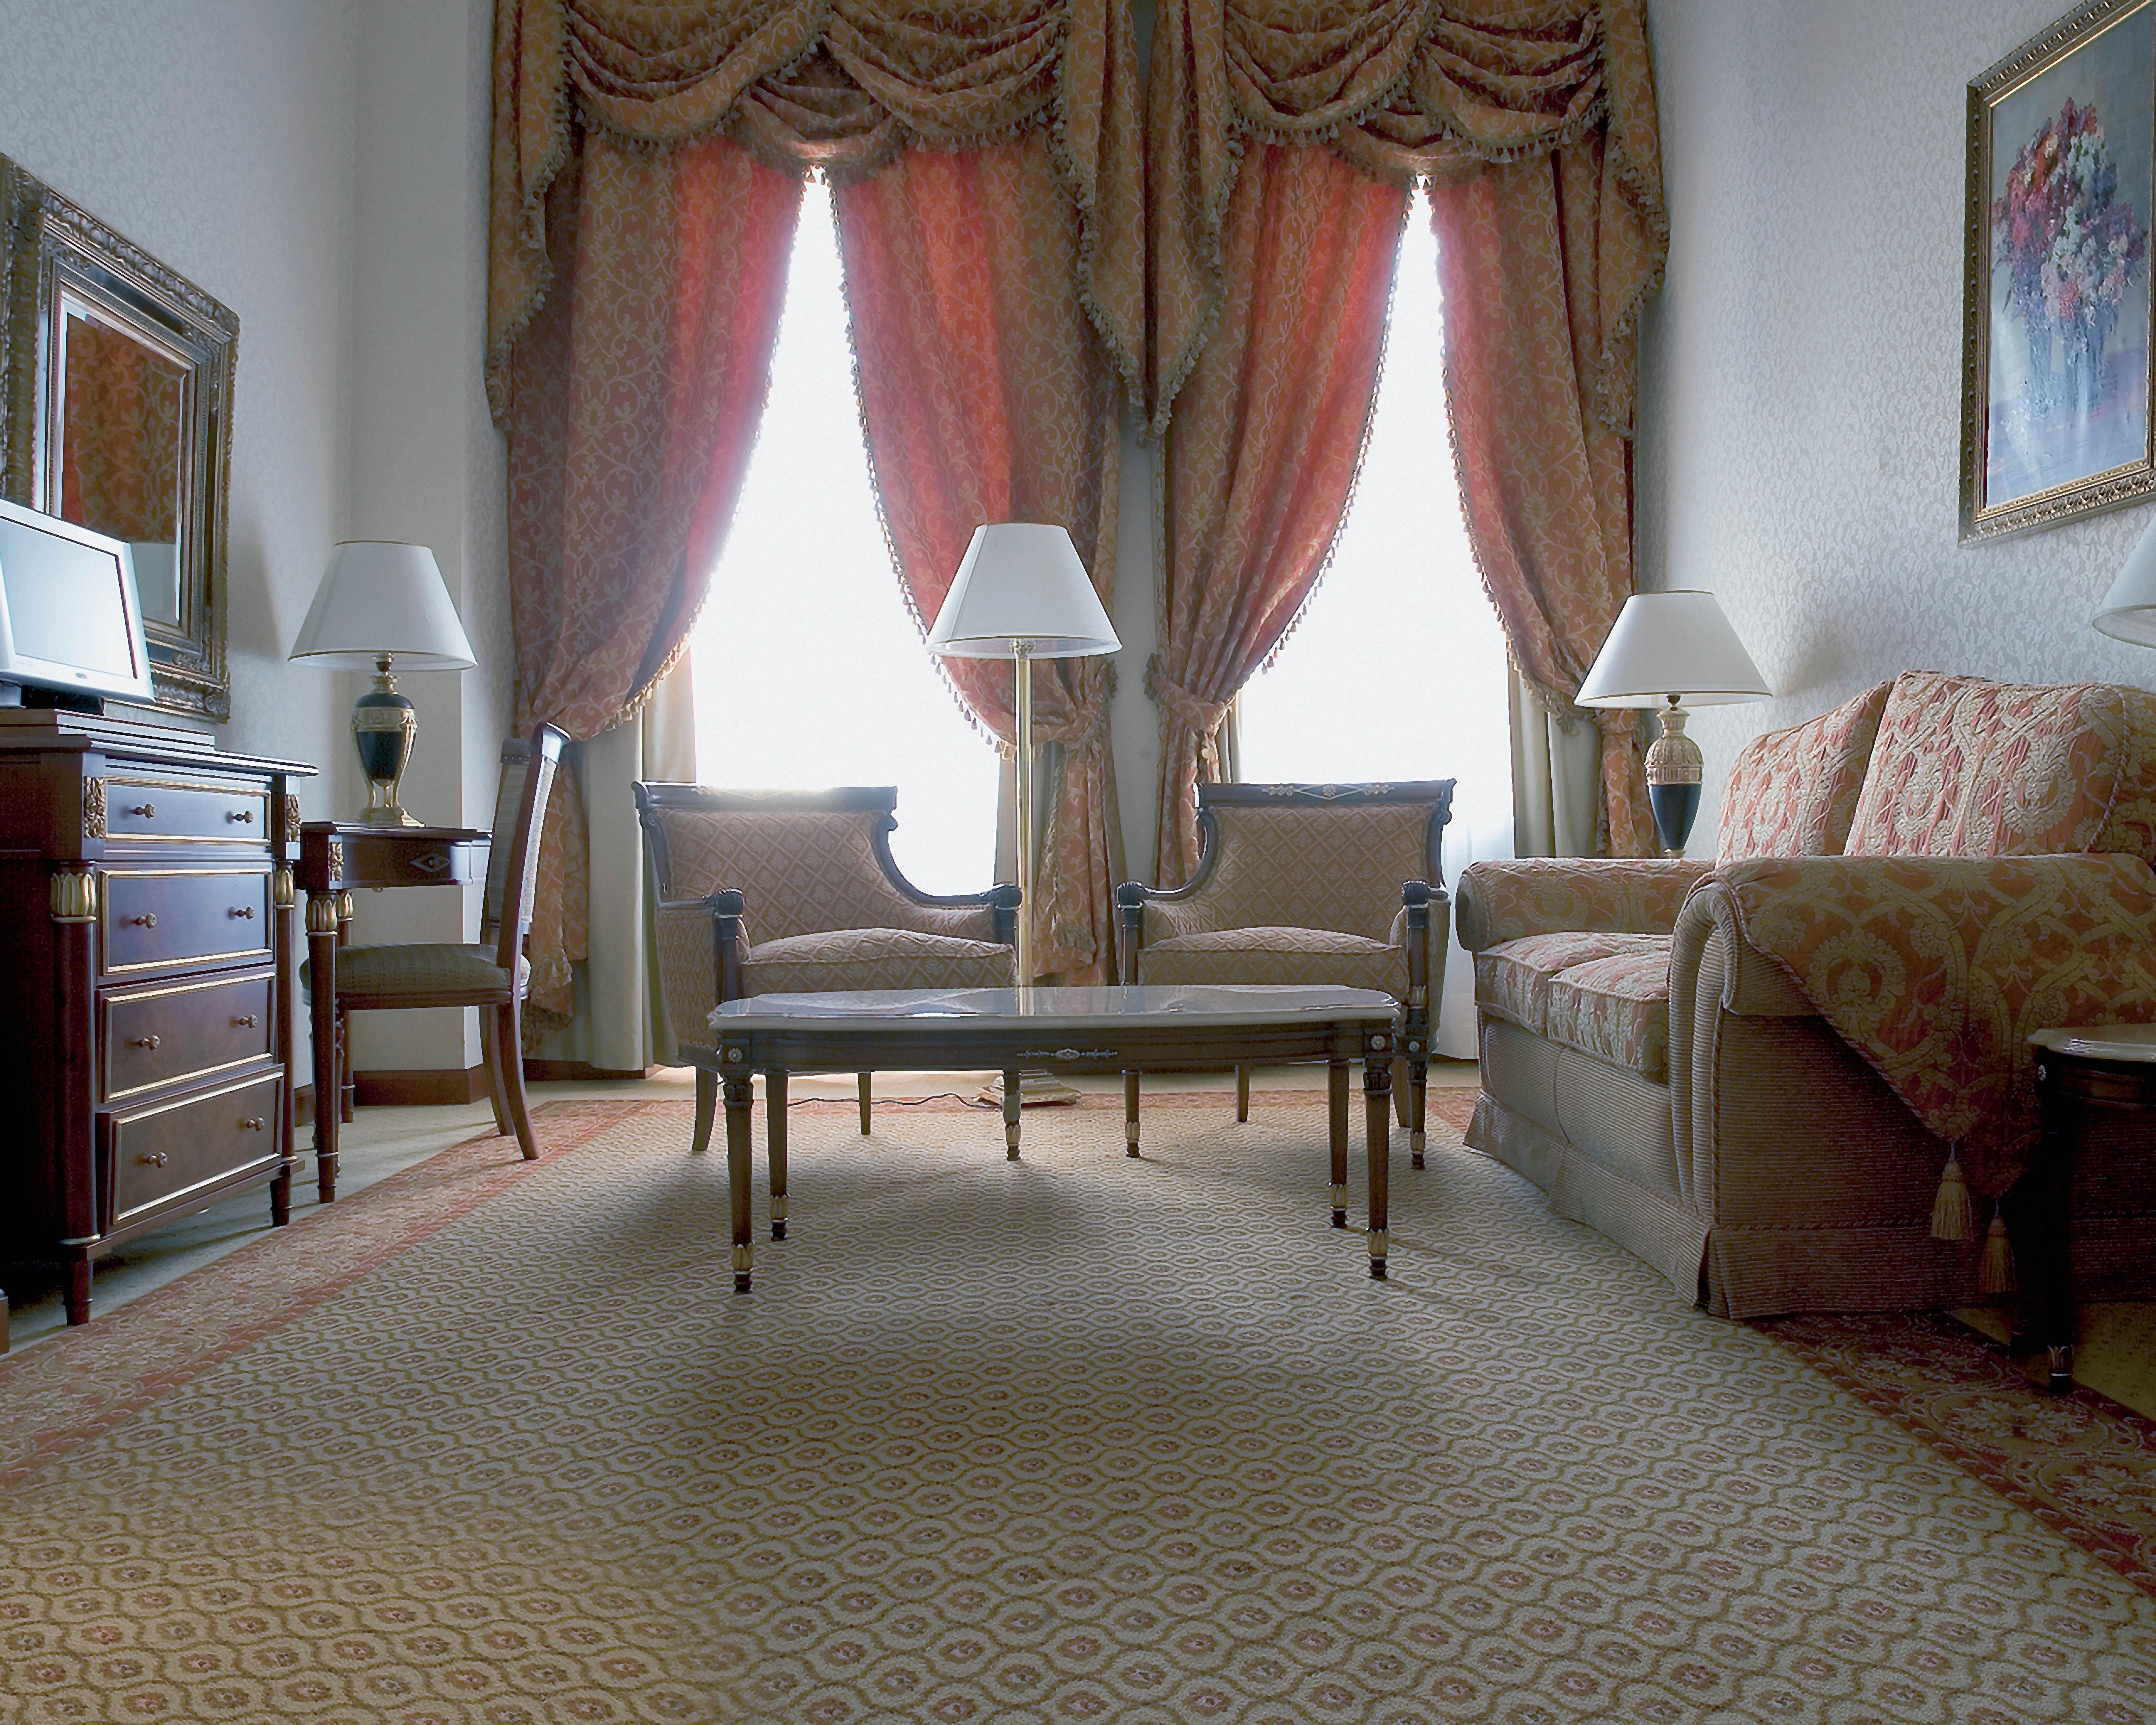 Sfondi sala appartamento interior design mobilia le